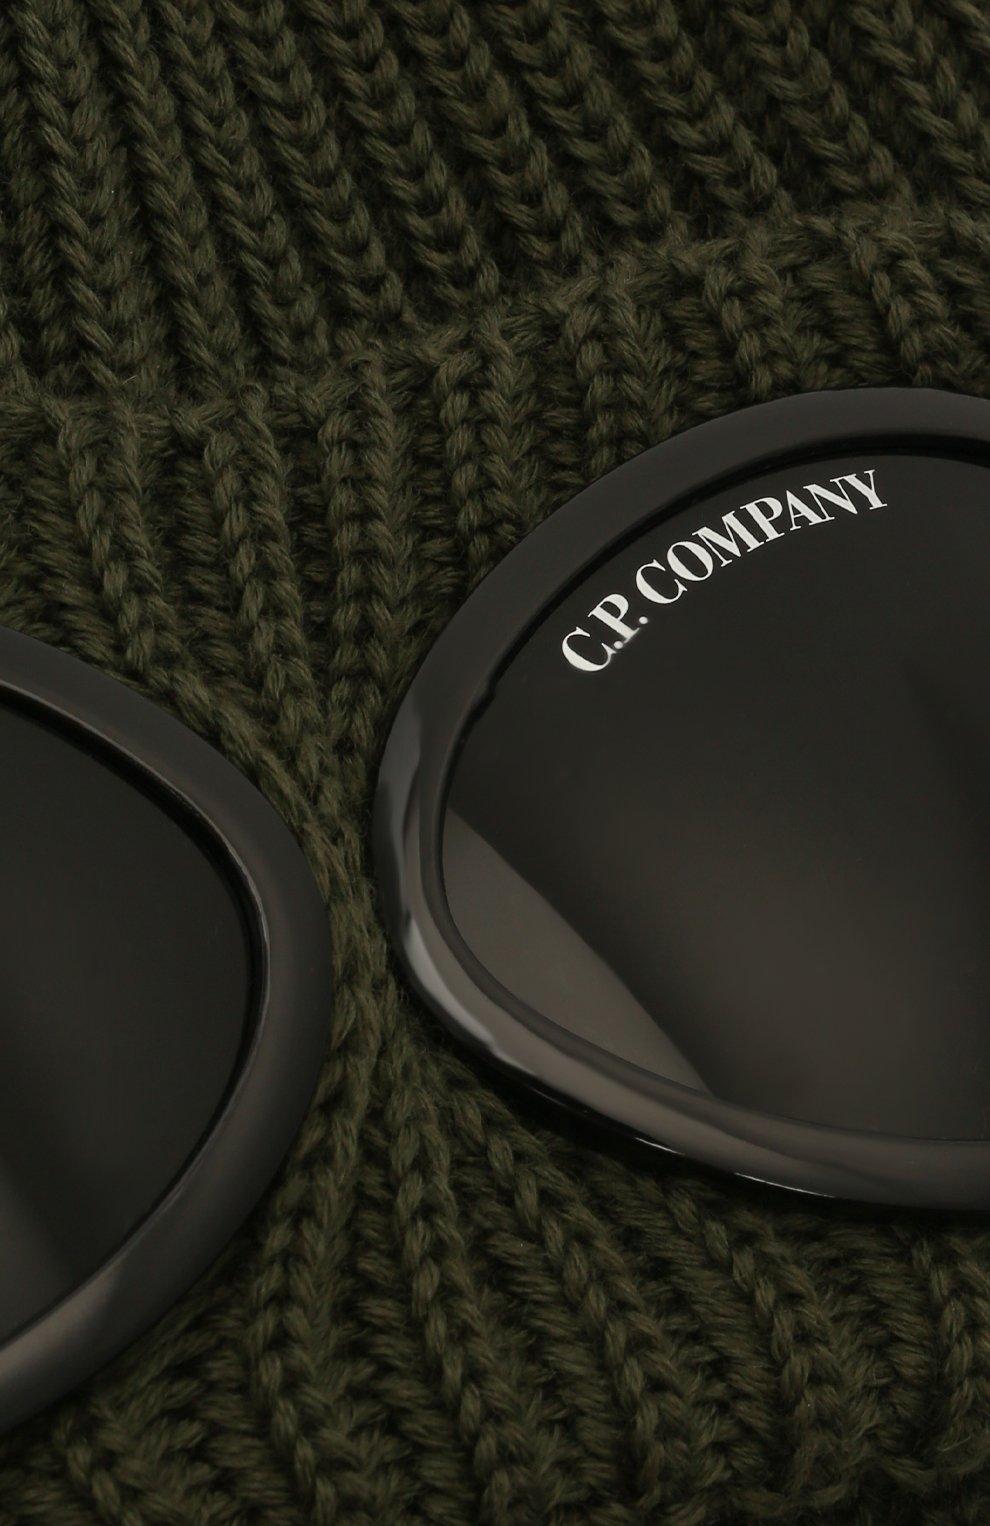 Мужская шерстяная шапка C.P. COMPANY хаки цвета, арт. 11CMAC122A-005509A   Фото 3 (Материал: Шерсть; Кросс-КТ: Трикотаж)